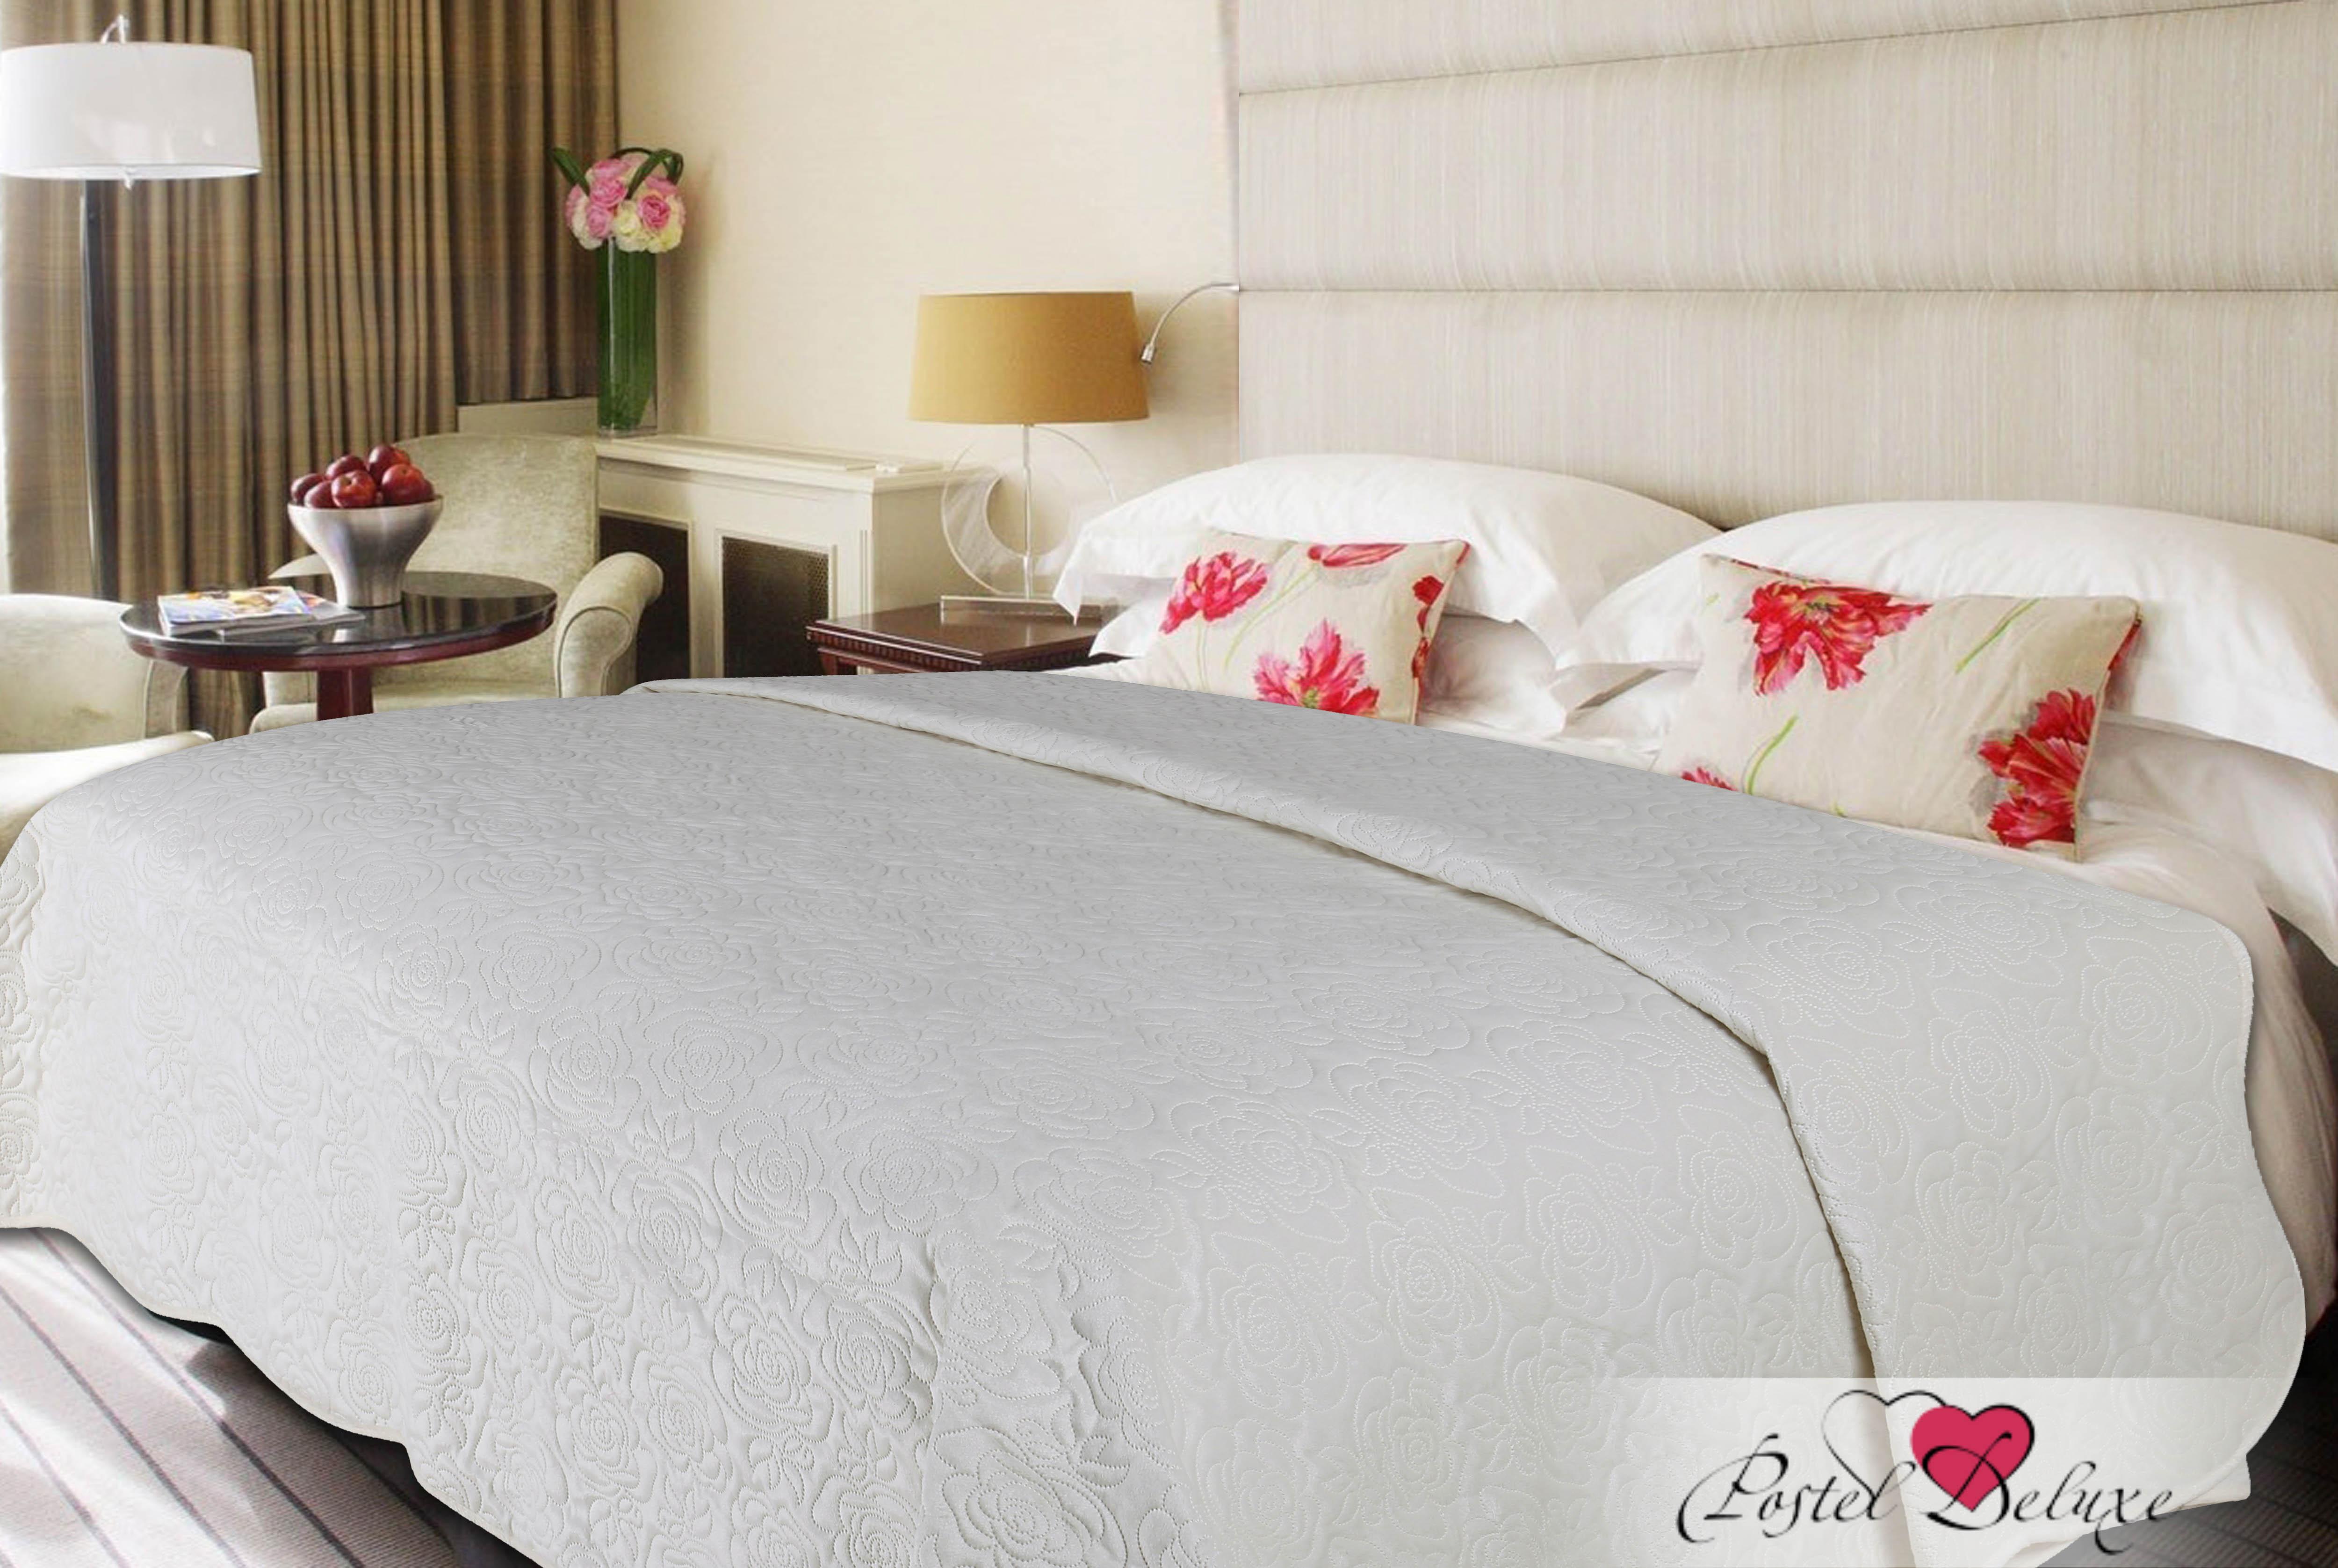 Купить Пледы и покрывала Amore Mio, Покрывало Deco Цвет: Молочный (200х220 см), Китай, Серый, Синтетический велюр